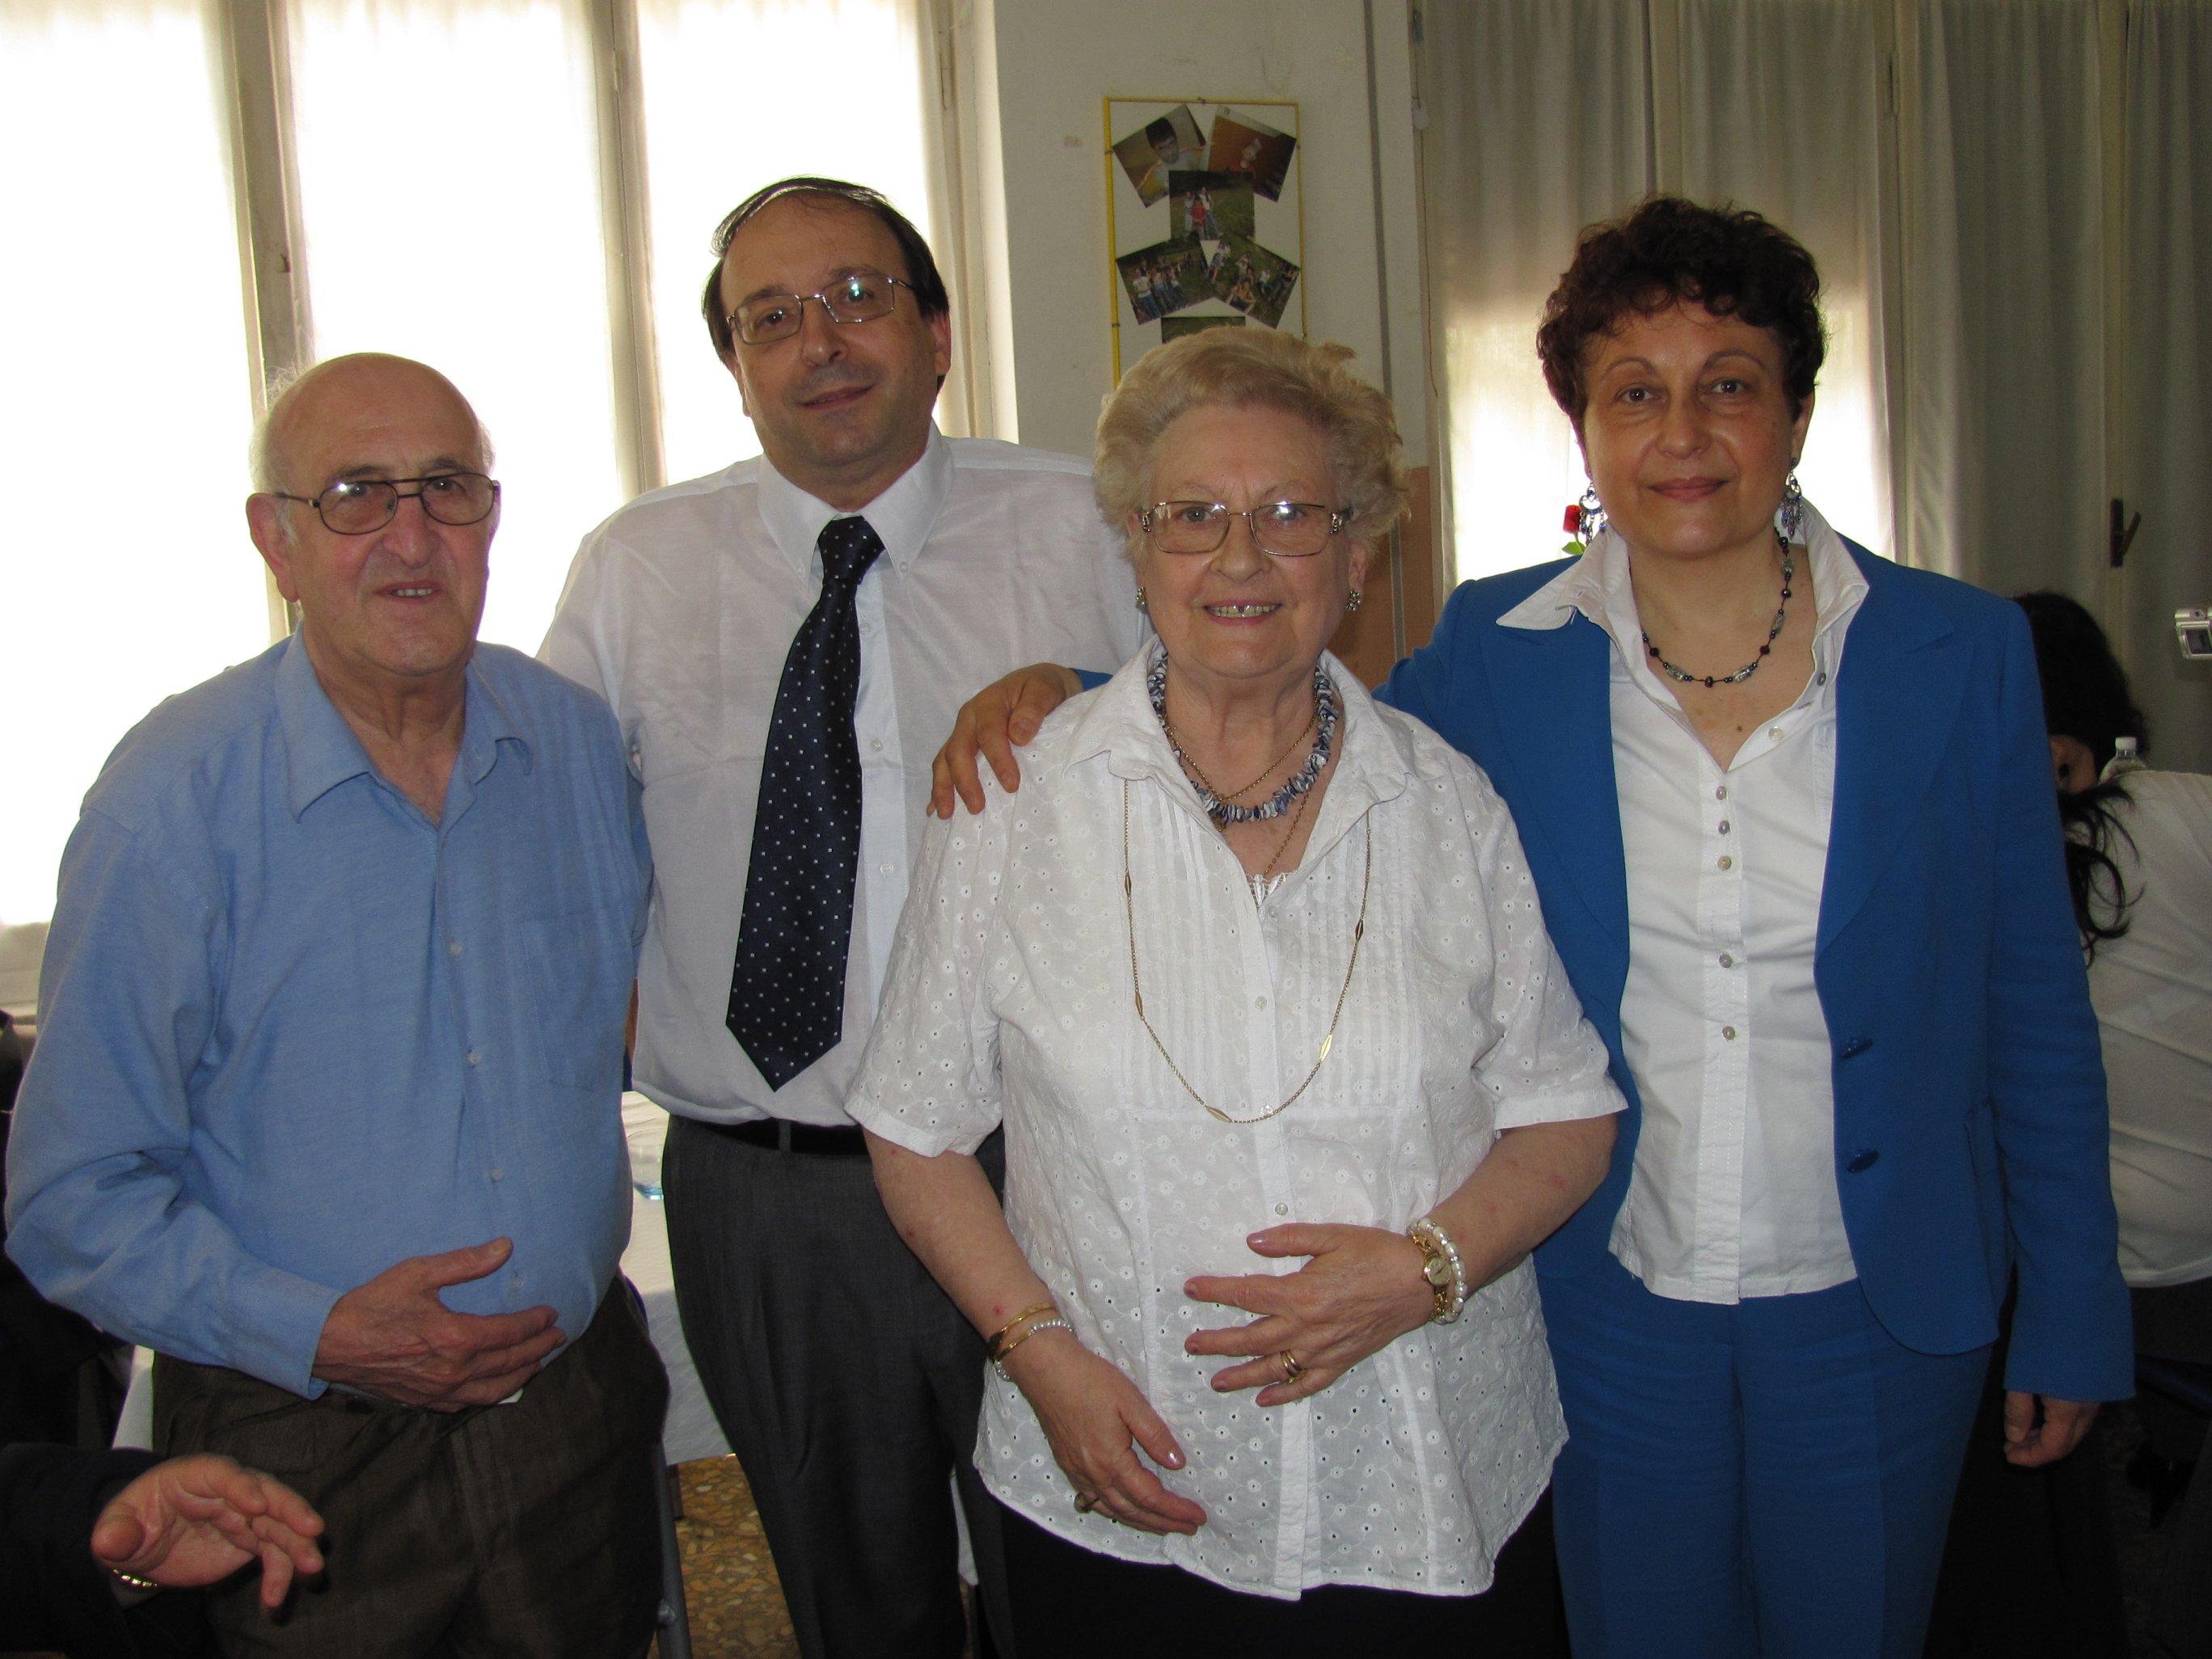 anniversari_di_matrimonio_e_di_ordinazione_2012-06-03-13-53-36